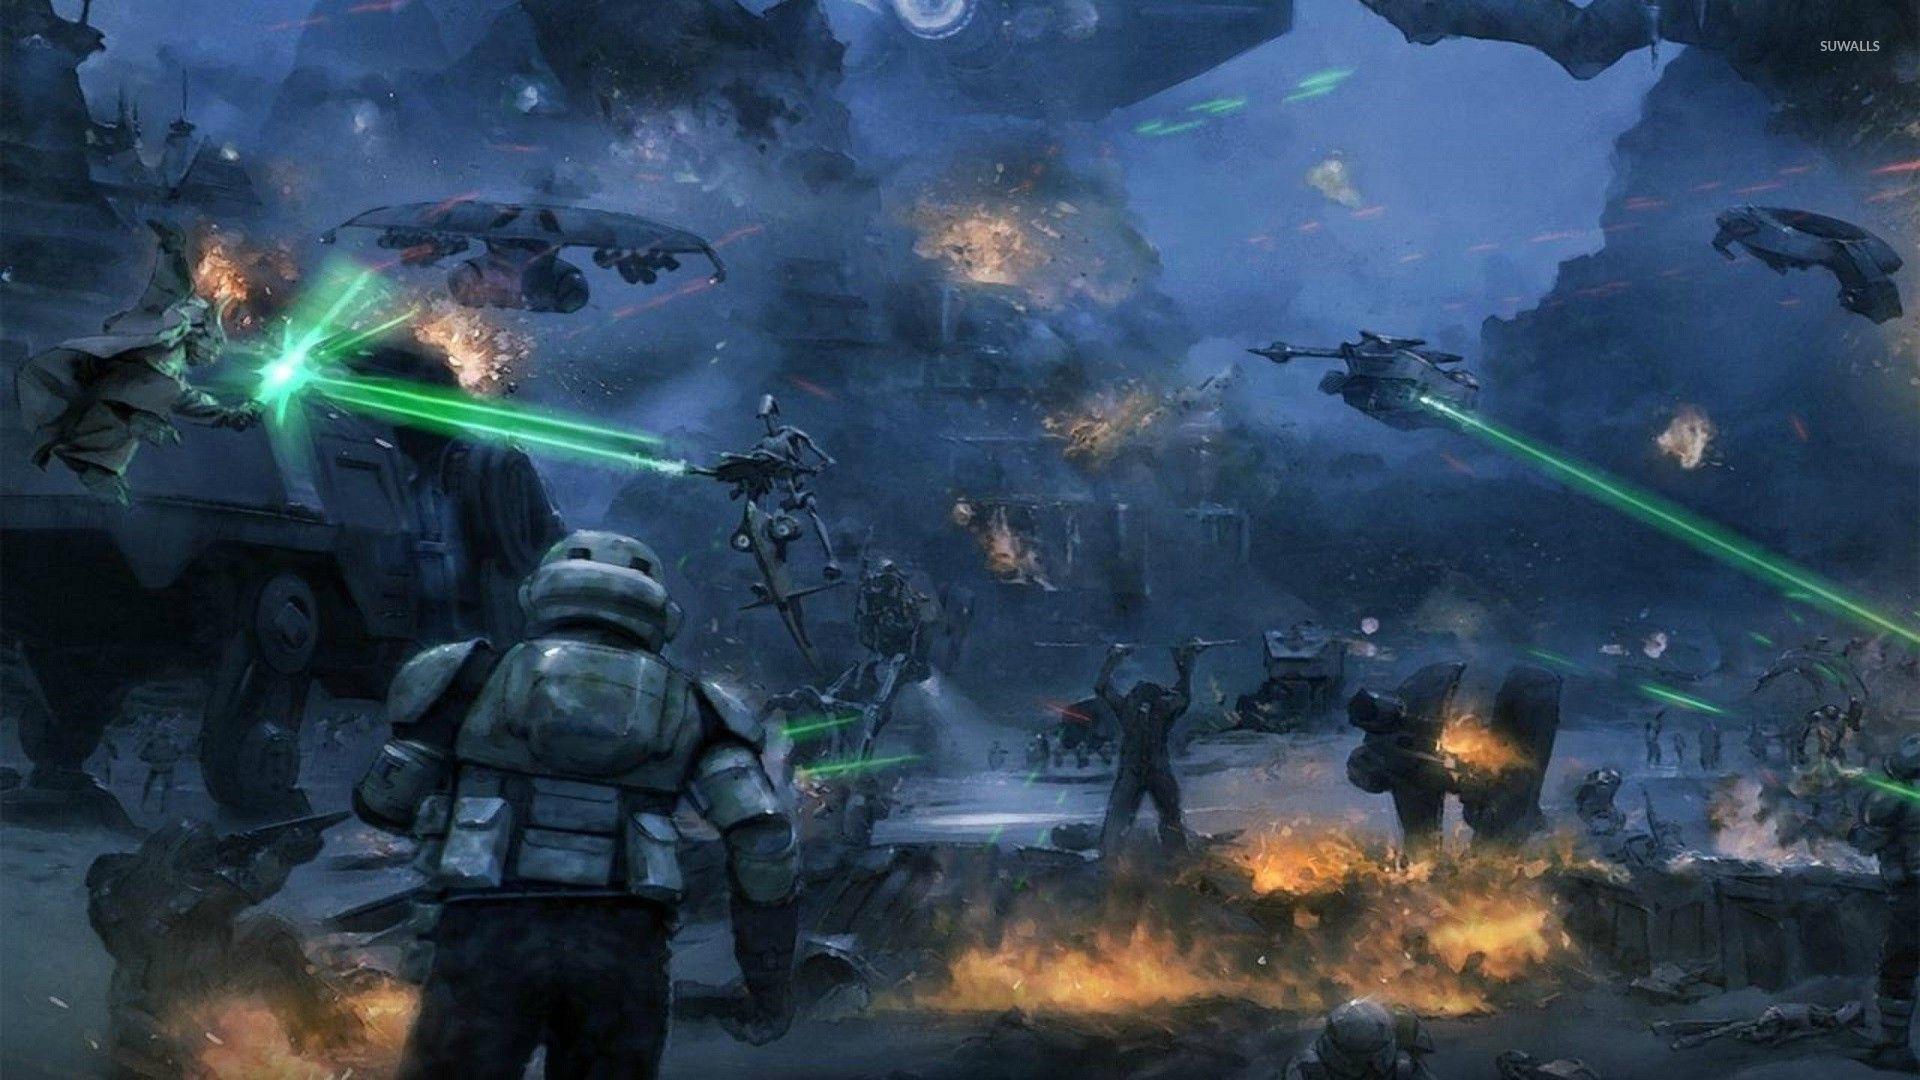 Star Wars Battle Wallpapers Top Free Star Wars Battle